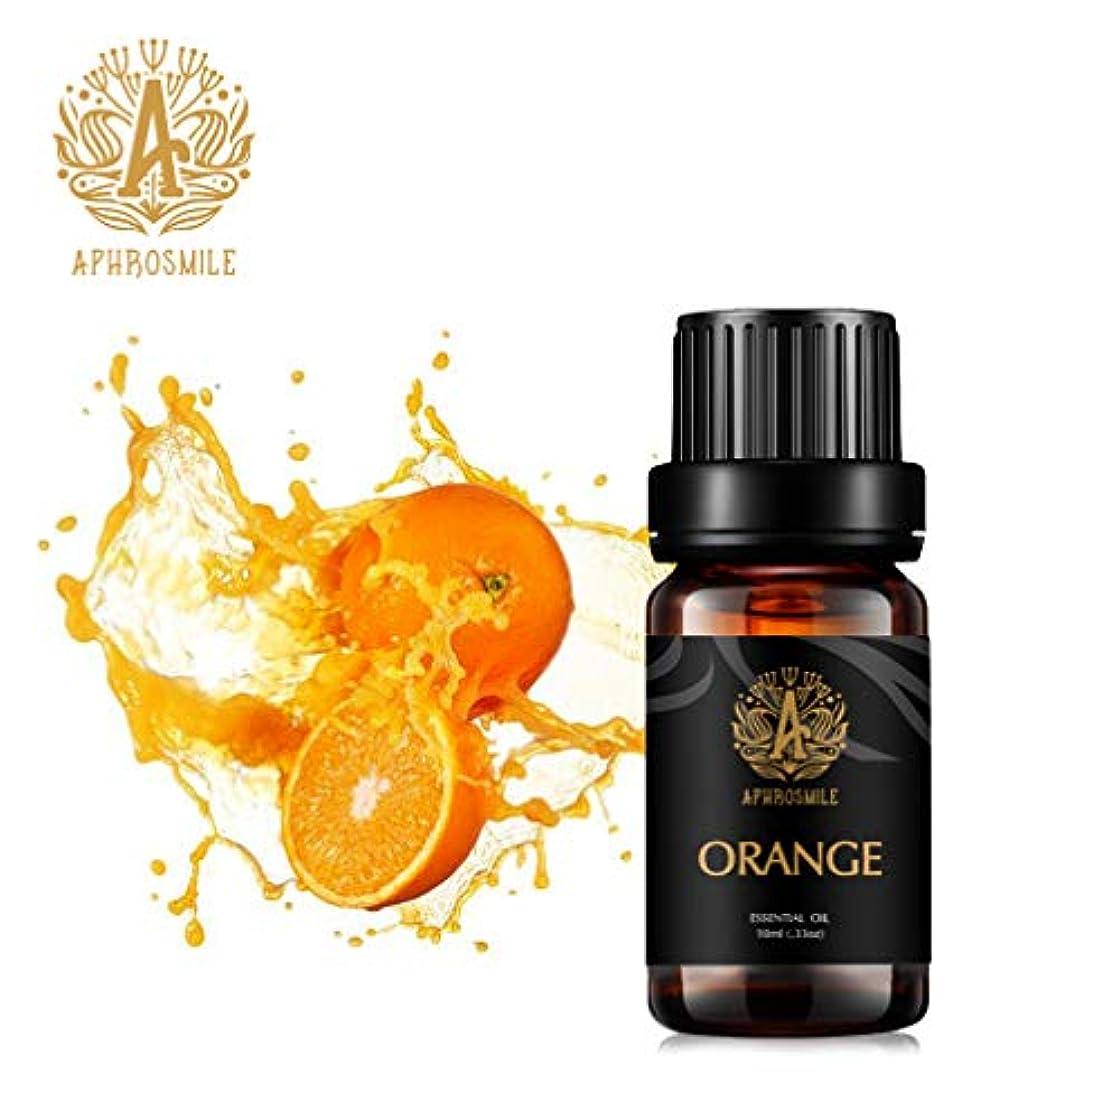 バスト害虫お風呂オレンジエッセンシャルオイル、100%ピュアアロマエッセンシャルオイルオレンジ香り、怒りを和らげる、治療用グレードエッセンシャルオイルオレンジの香り、為にディフューザー、マッサージ、加湿器、デイリーケア、0.33オンス-...